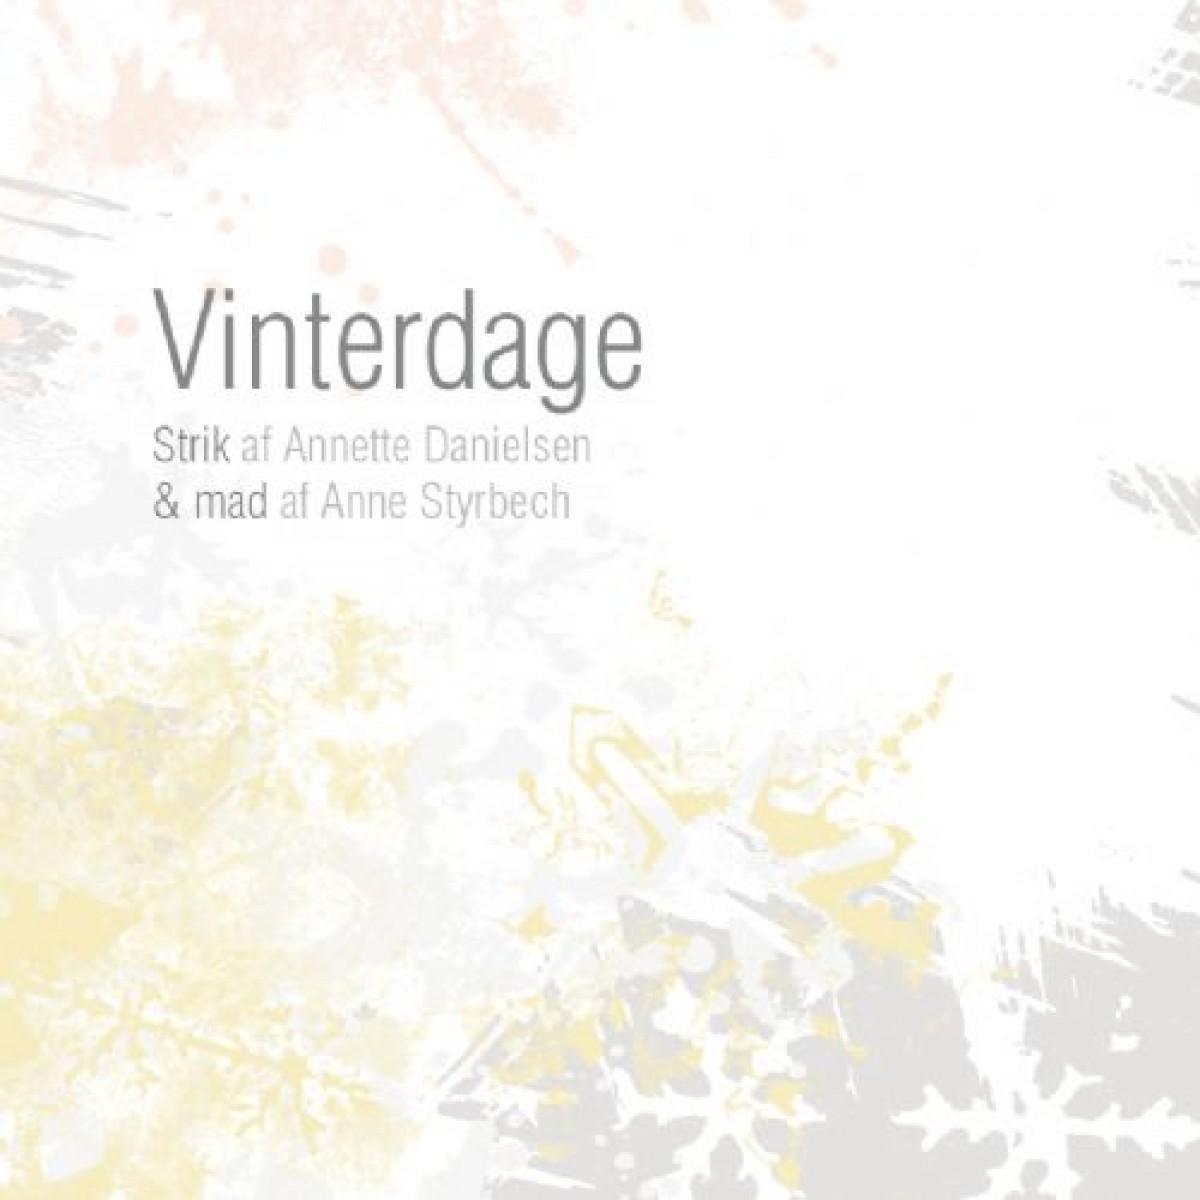 VinterdageAnnetteDanielsen-31